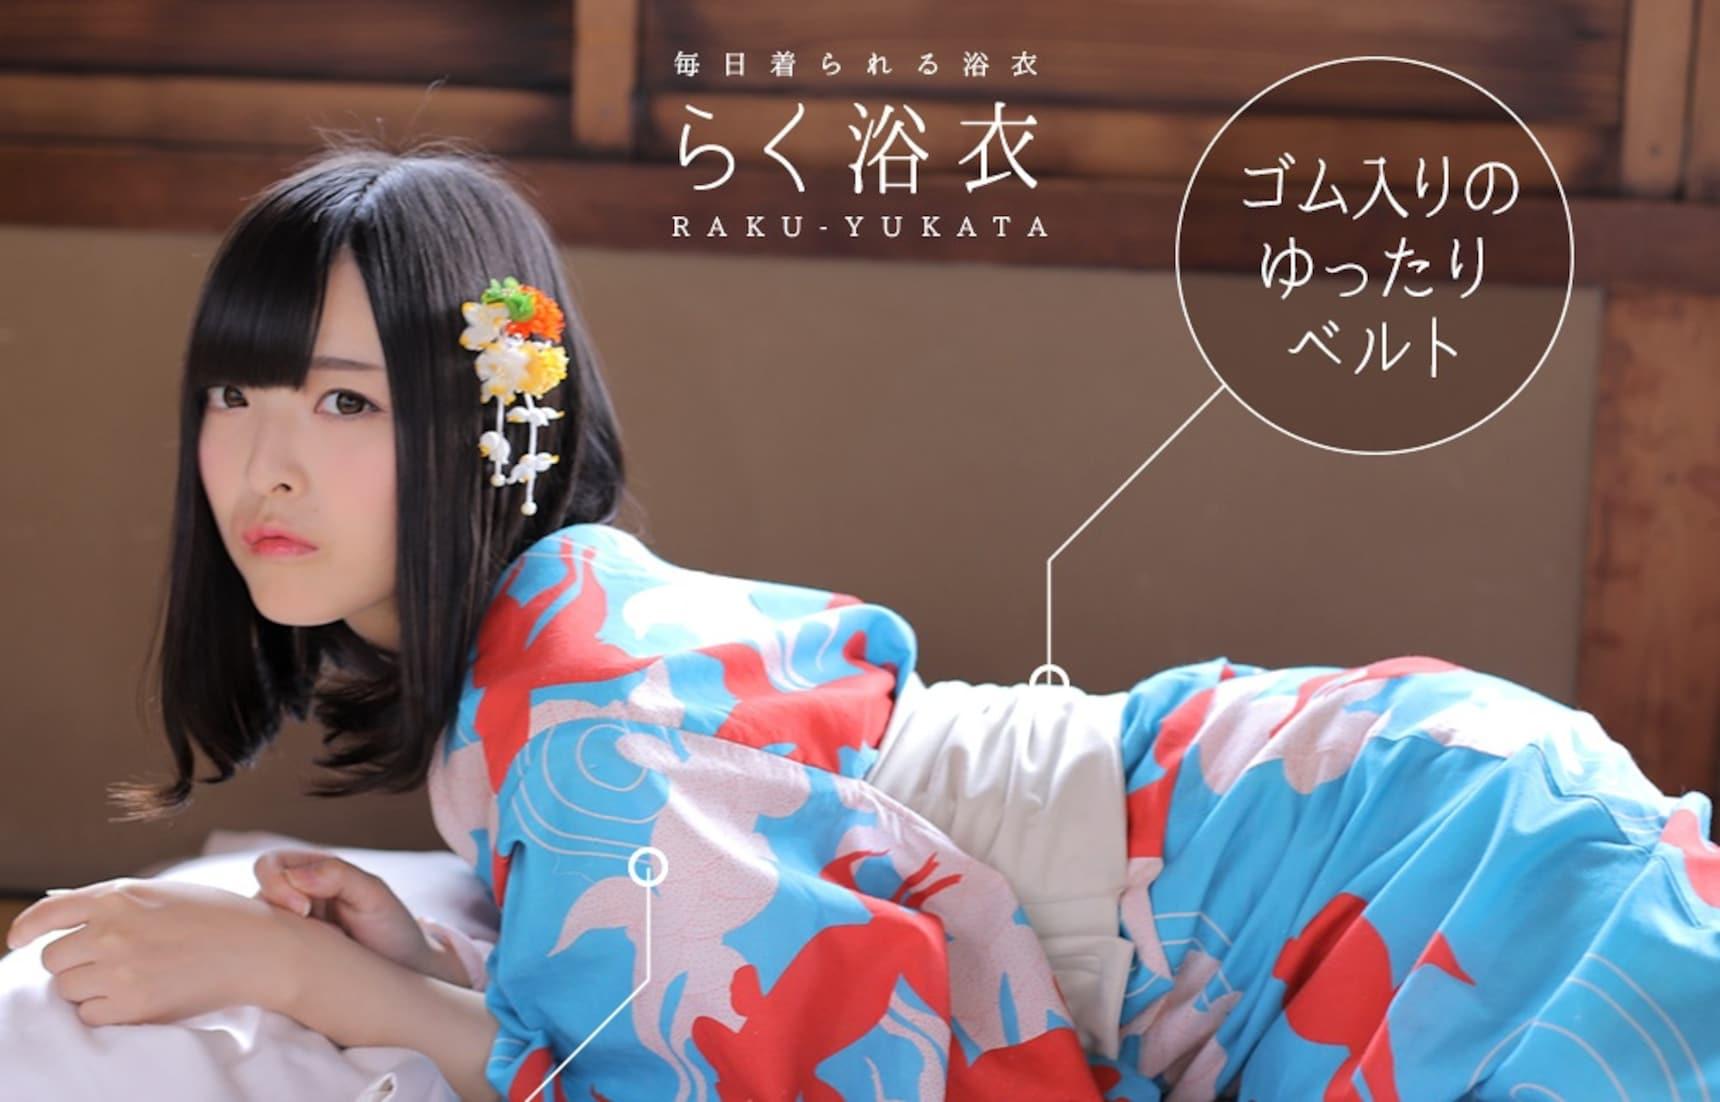 Comfy Pajamas Double as Outdoor Summer Kimono